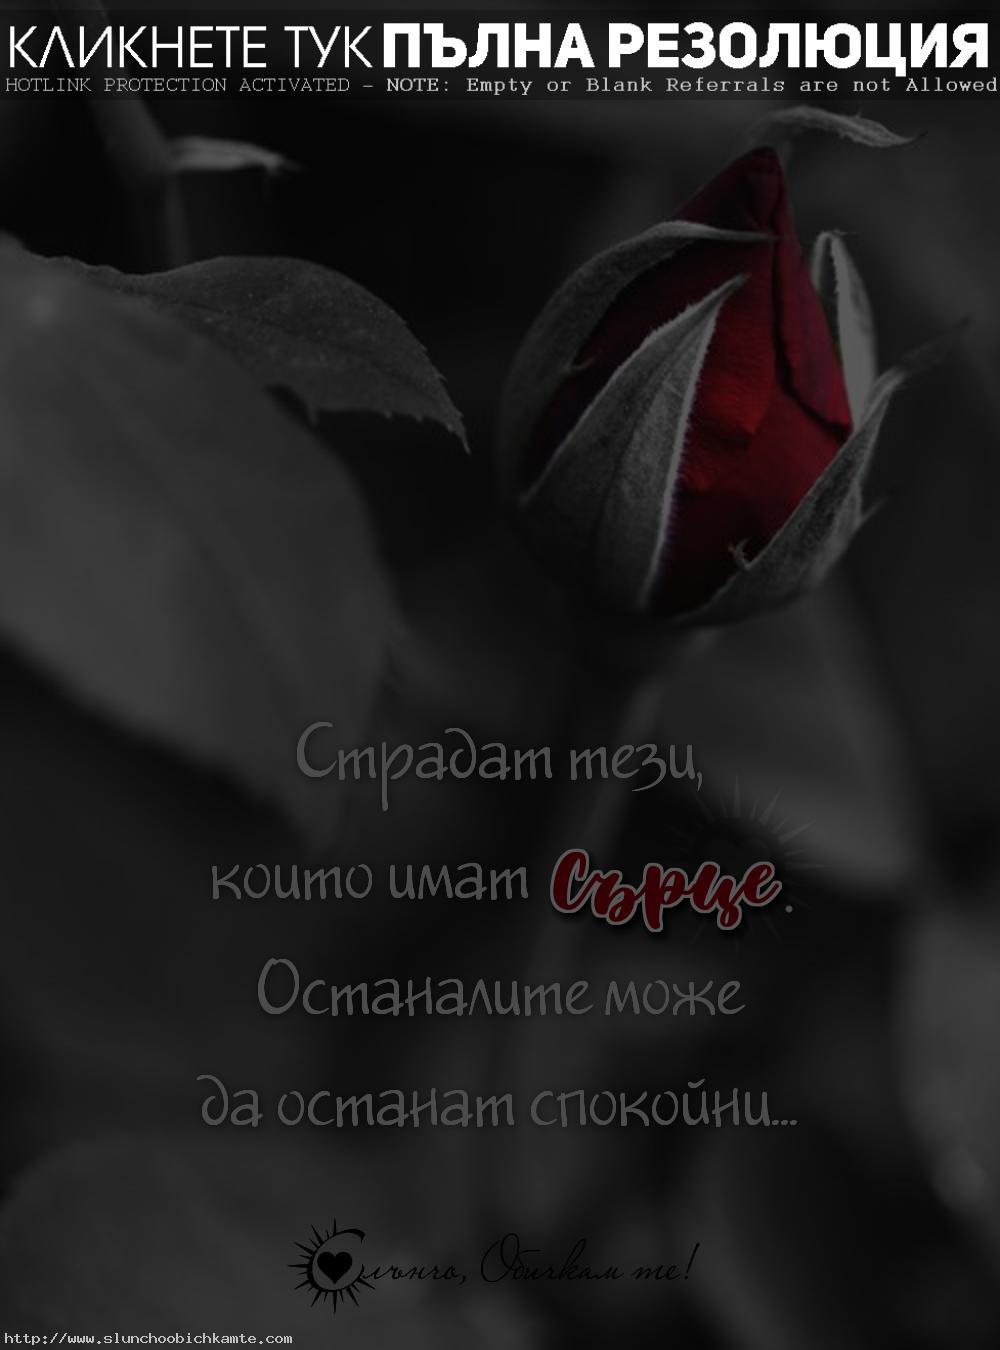 Страдат тези, които имат сърце. Останалите може да останат спокойни. - Любов, любовни мисли, любовни фрази, любовни цитати, за любовта, любовни статуси, сърце, страдание, страдащо сърце